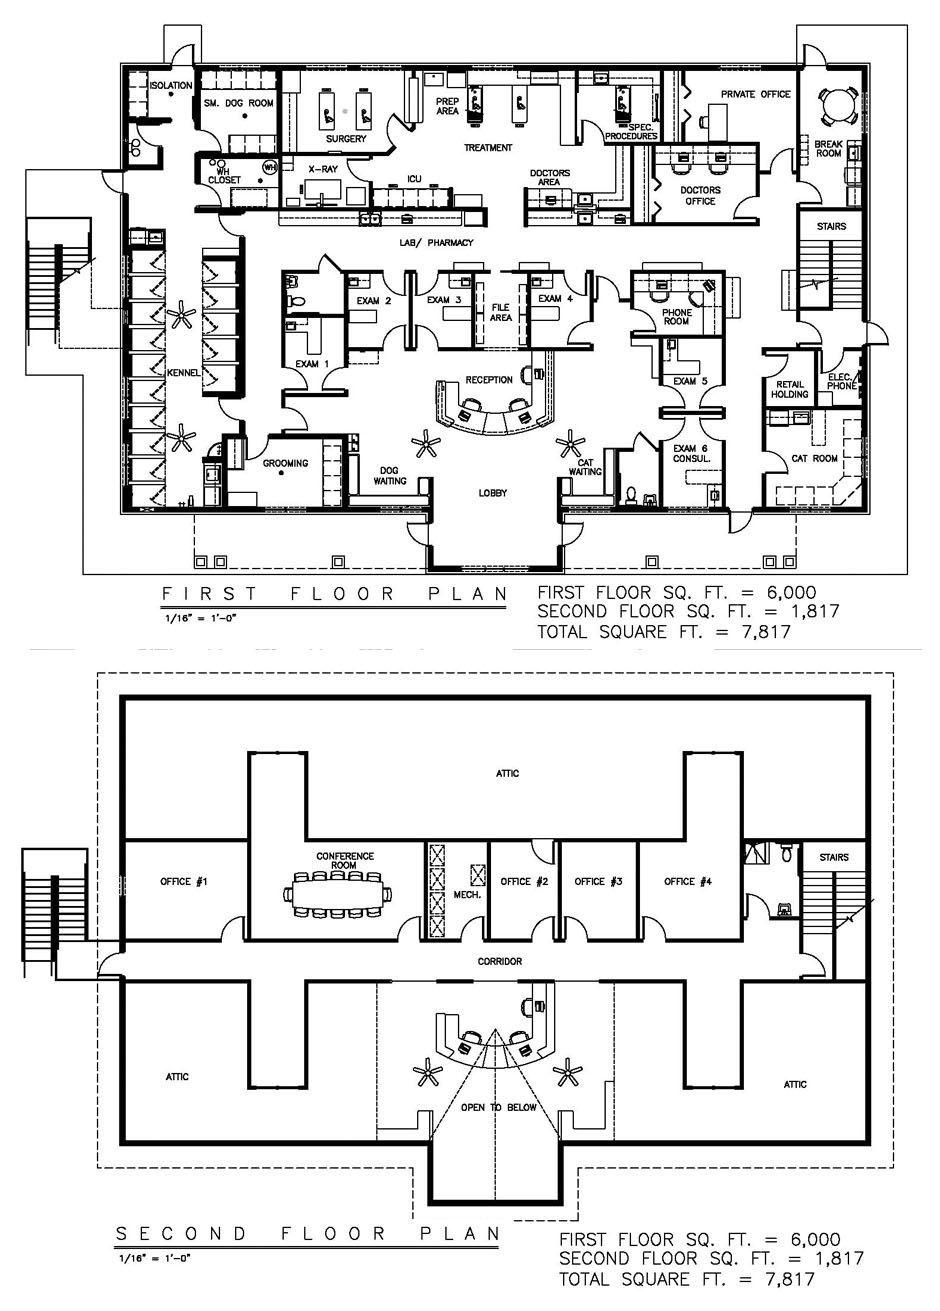 veterinary floor plan hilltop animal hospital building floor plan hospital design